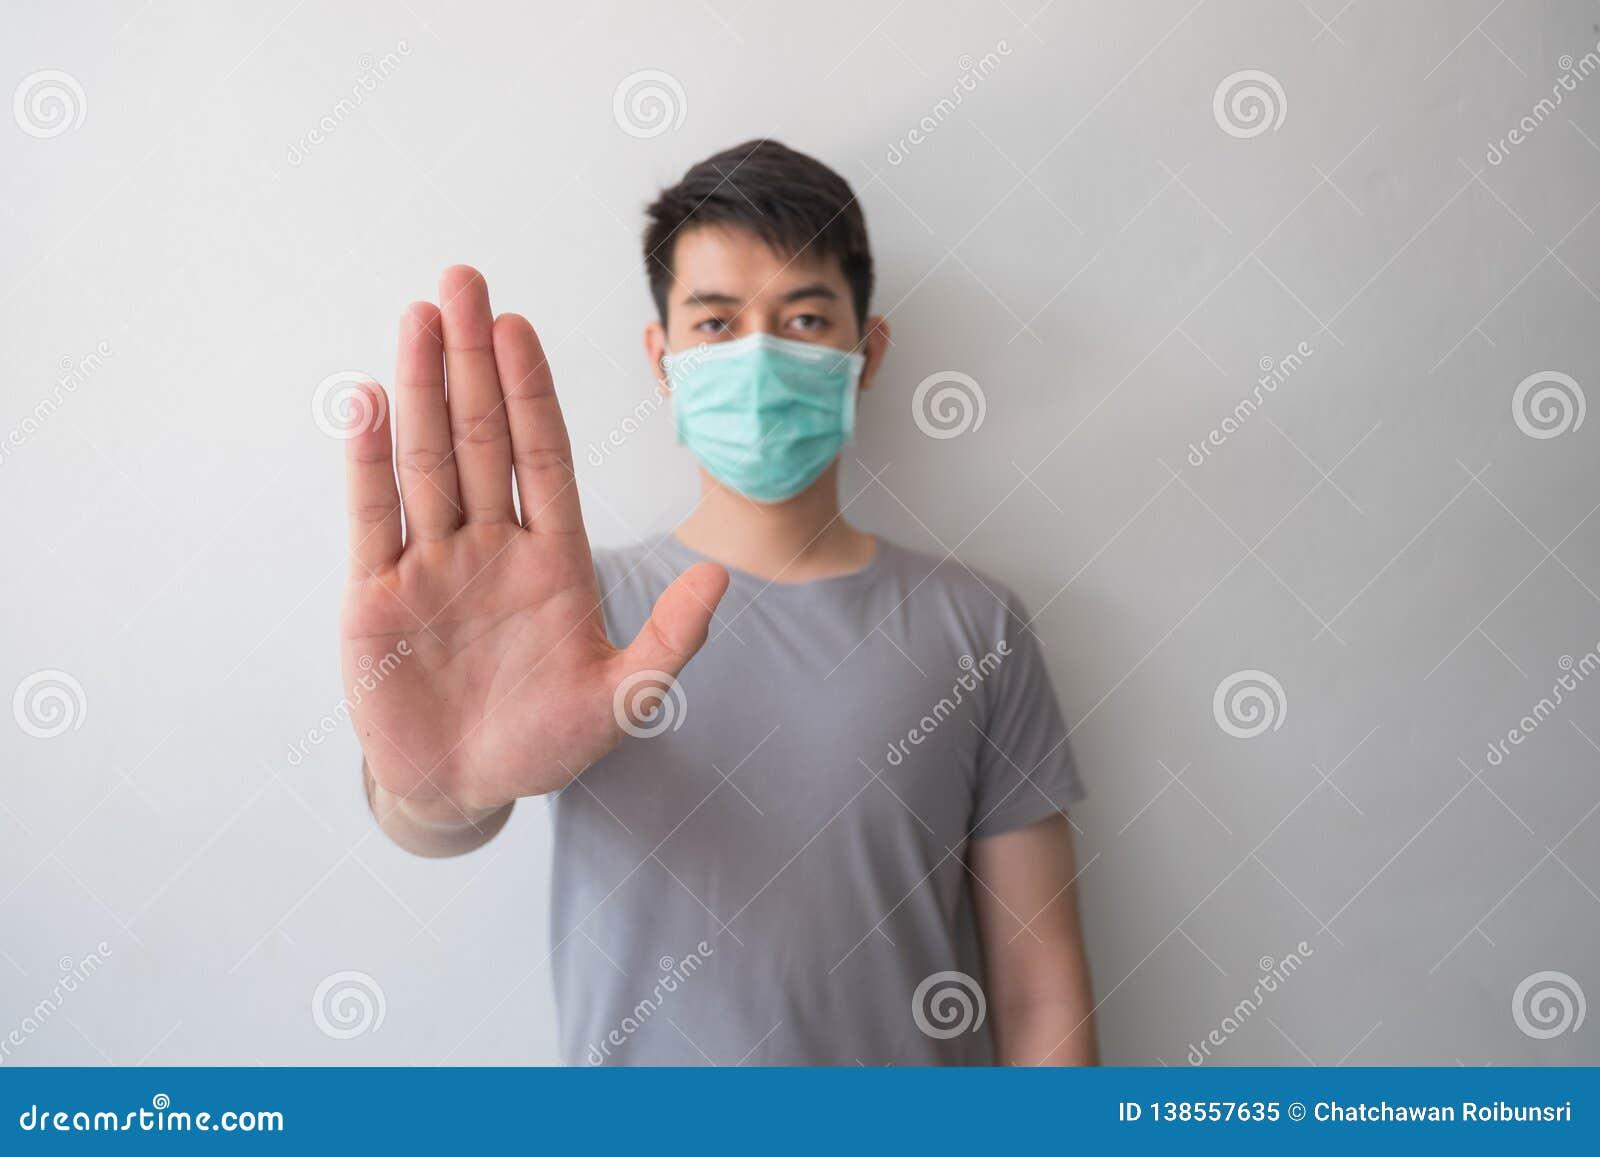 停止传染!健康人陈列姿态